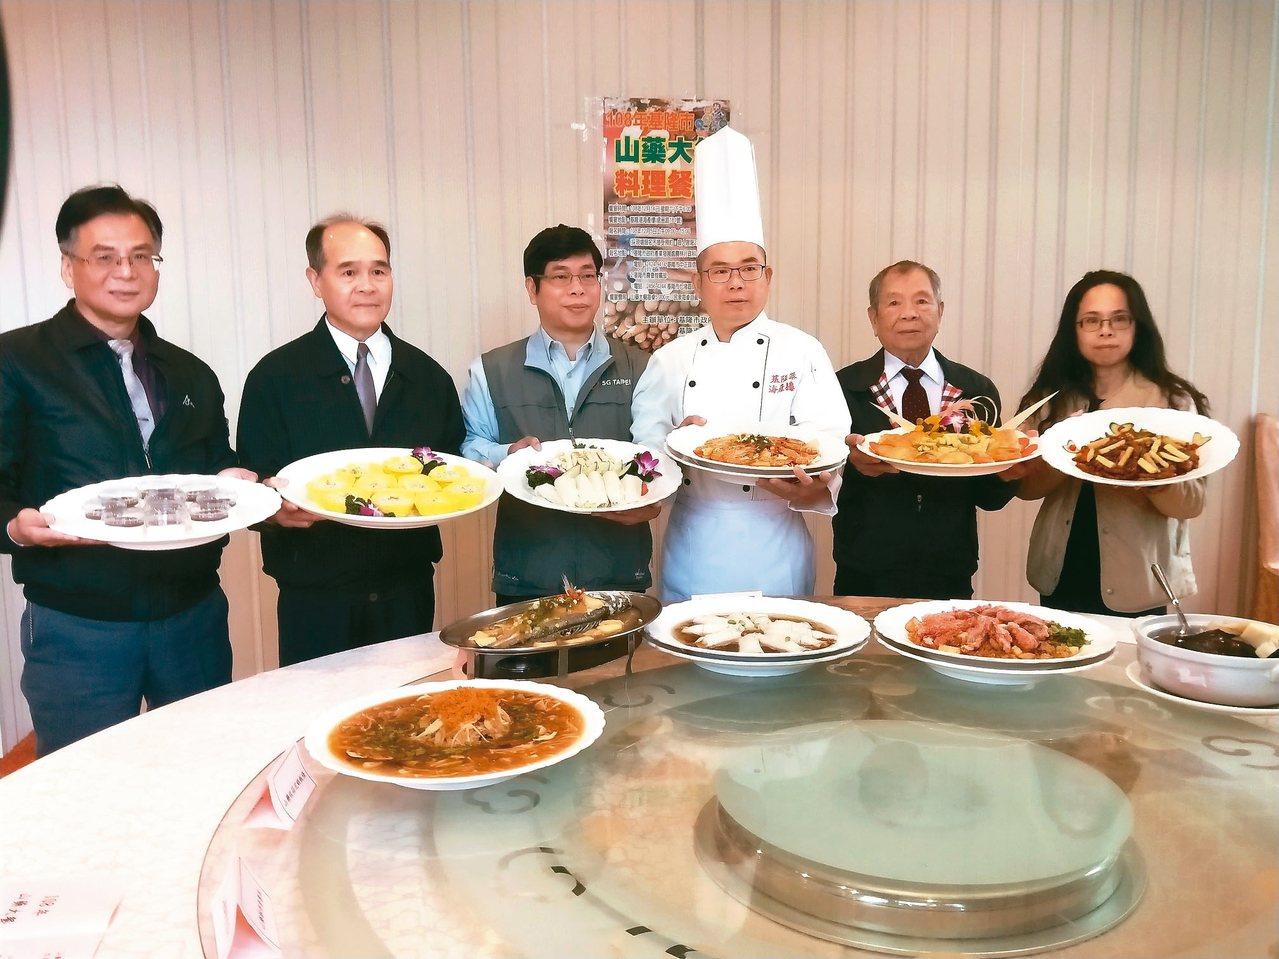 山藥大餐10道菜都有山藥料理,菜色融入山藥的新鮮及脆度,更有美味海鮮搭配。 記者...